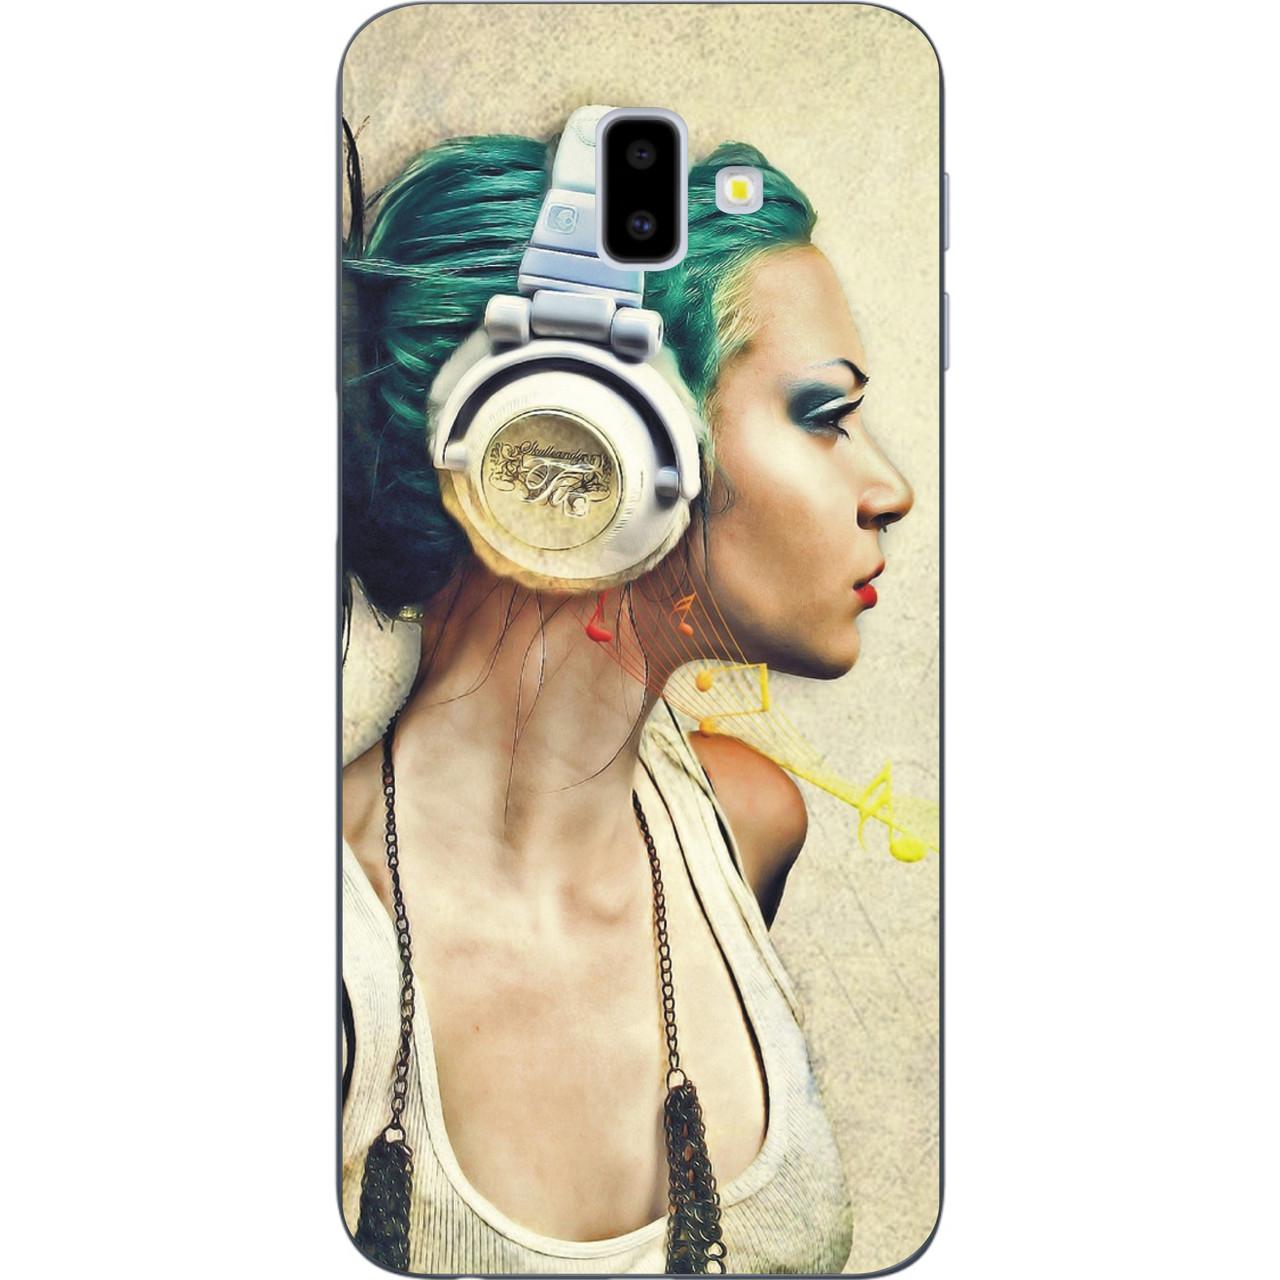 Оригинальный чехол накладка для Samsung Galaxy J6 Plus 2018 с картинкой Музыка